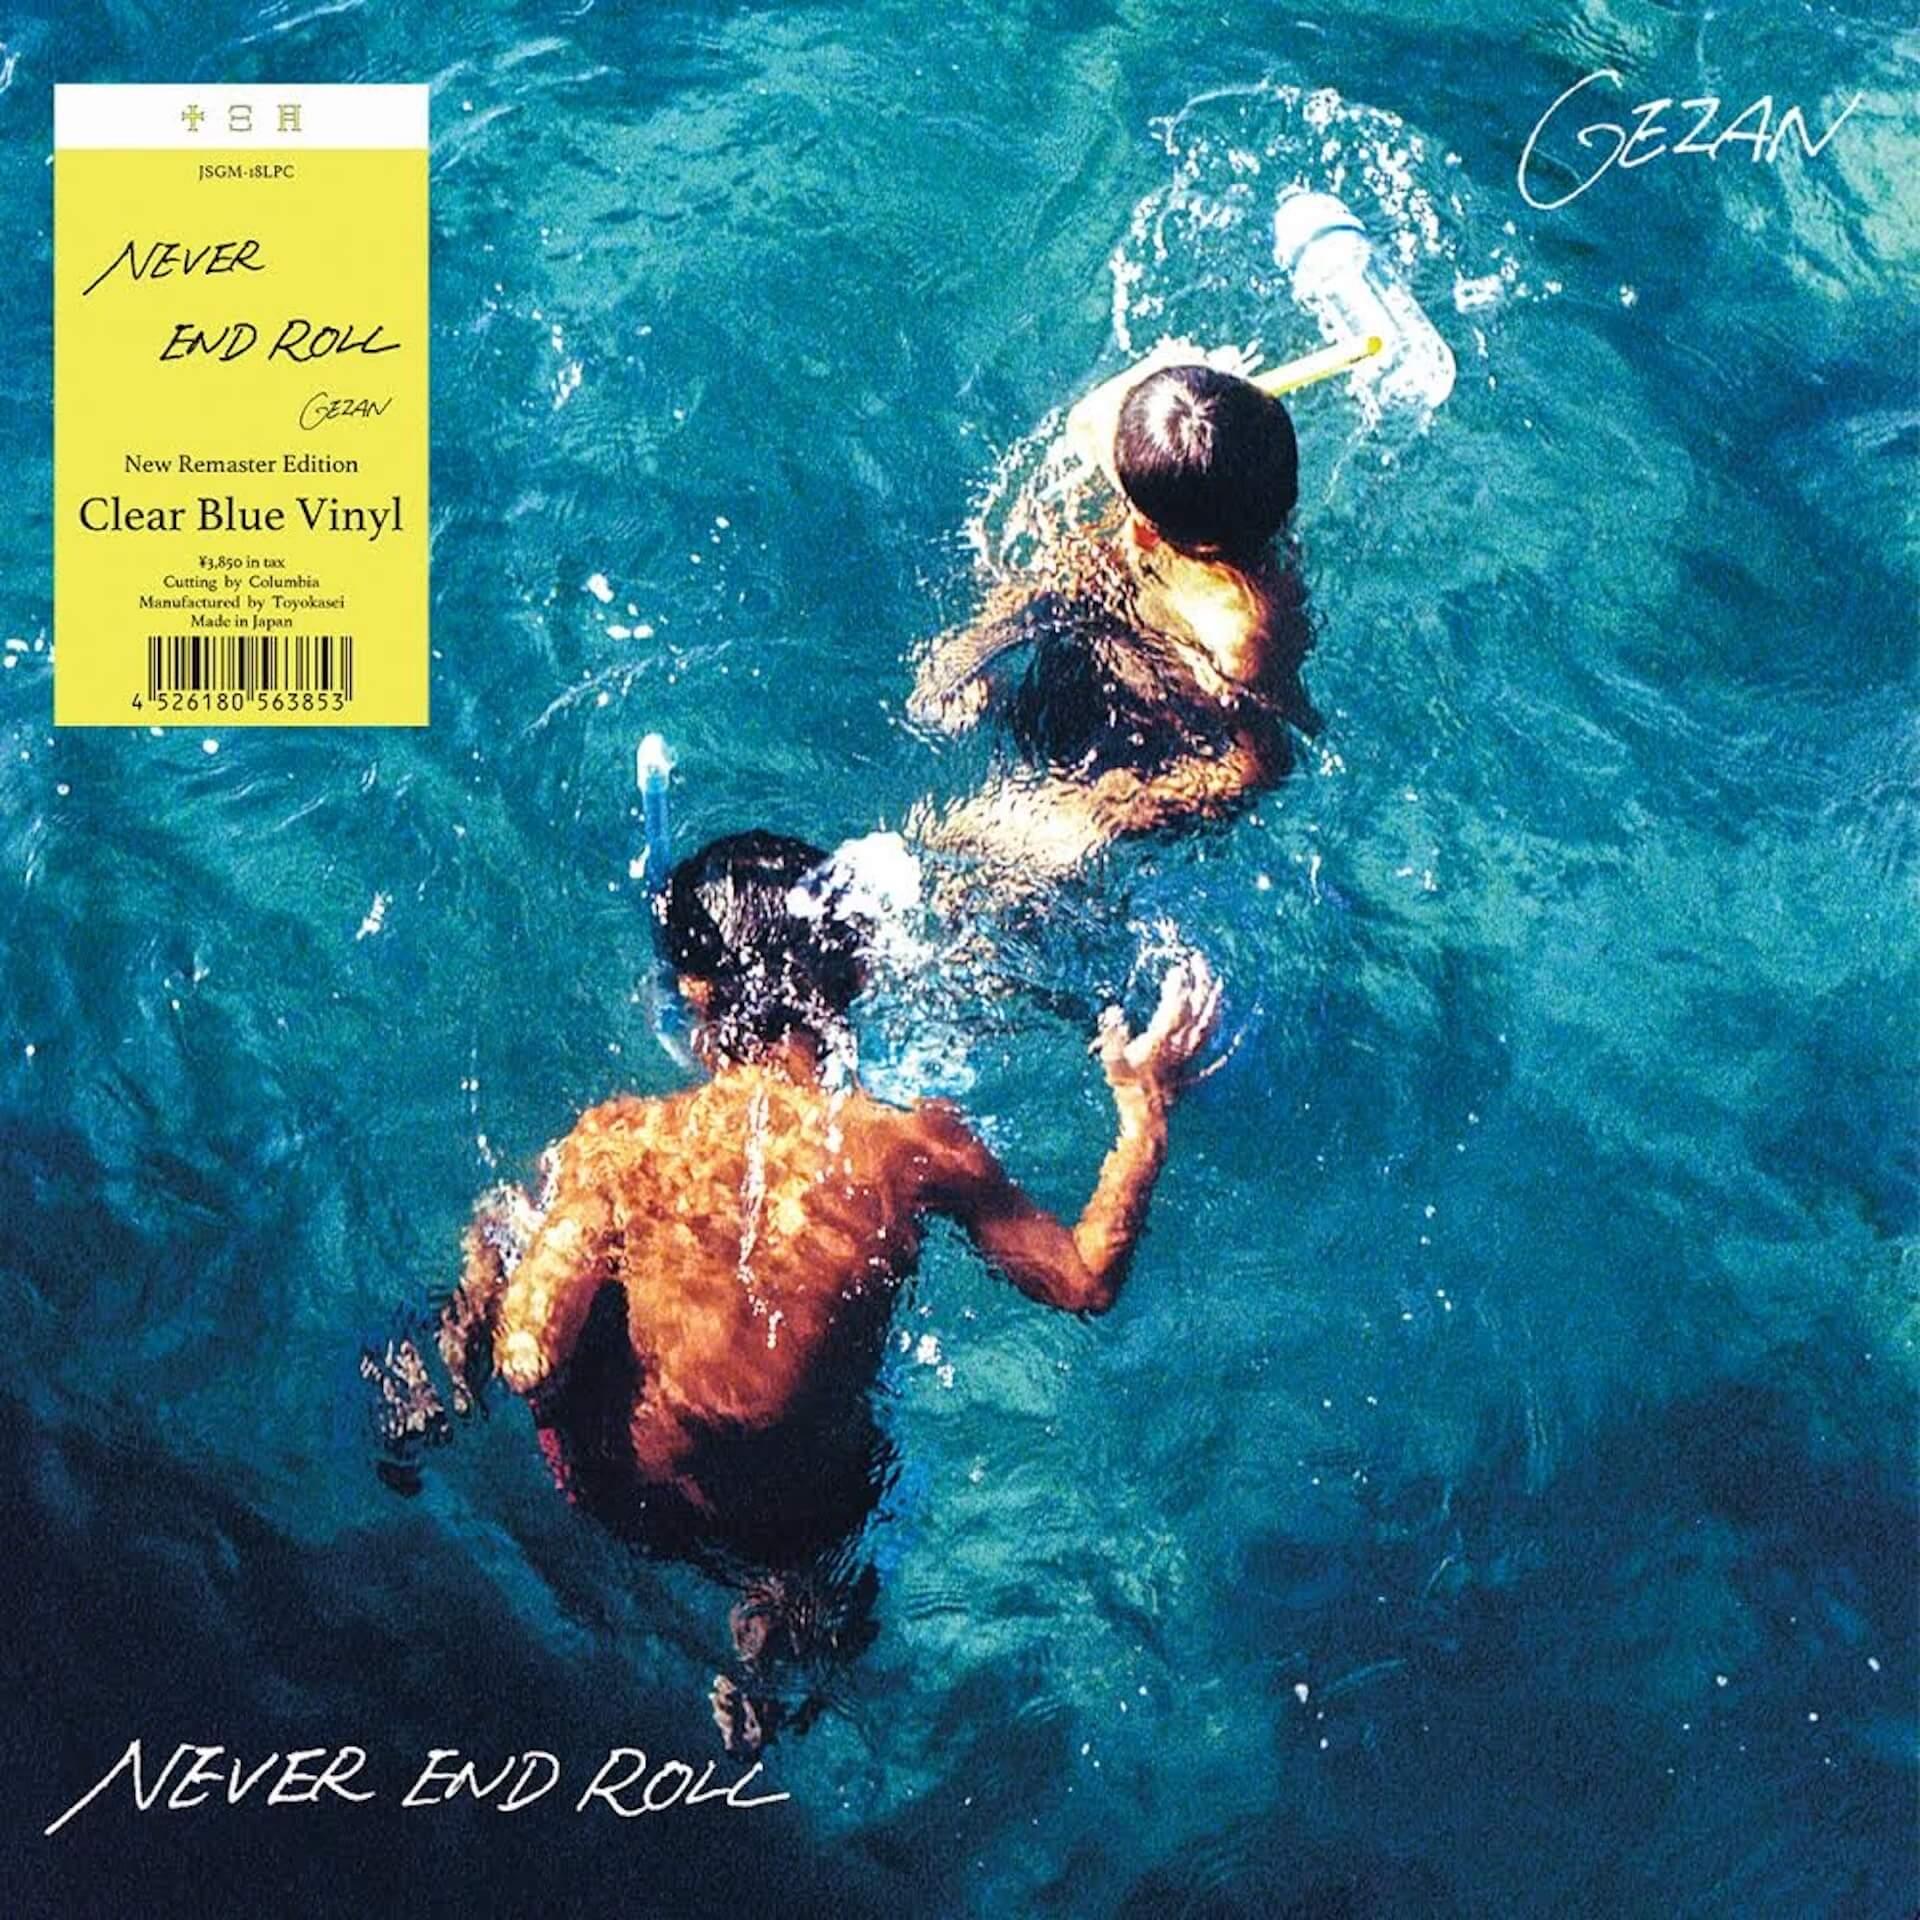 〈十三月〉作品のレコード盤が13ヶ月連続リリース第6弾にGEZANの3rdアルバム『NEVER END ROLL』が登場! music210408_jusangatsu-210408_3